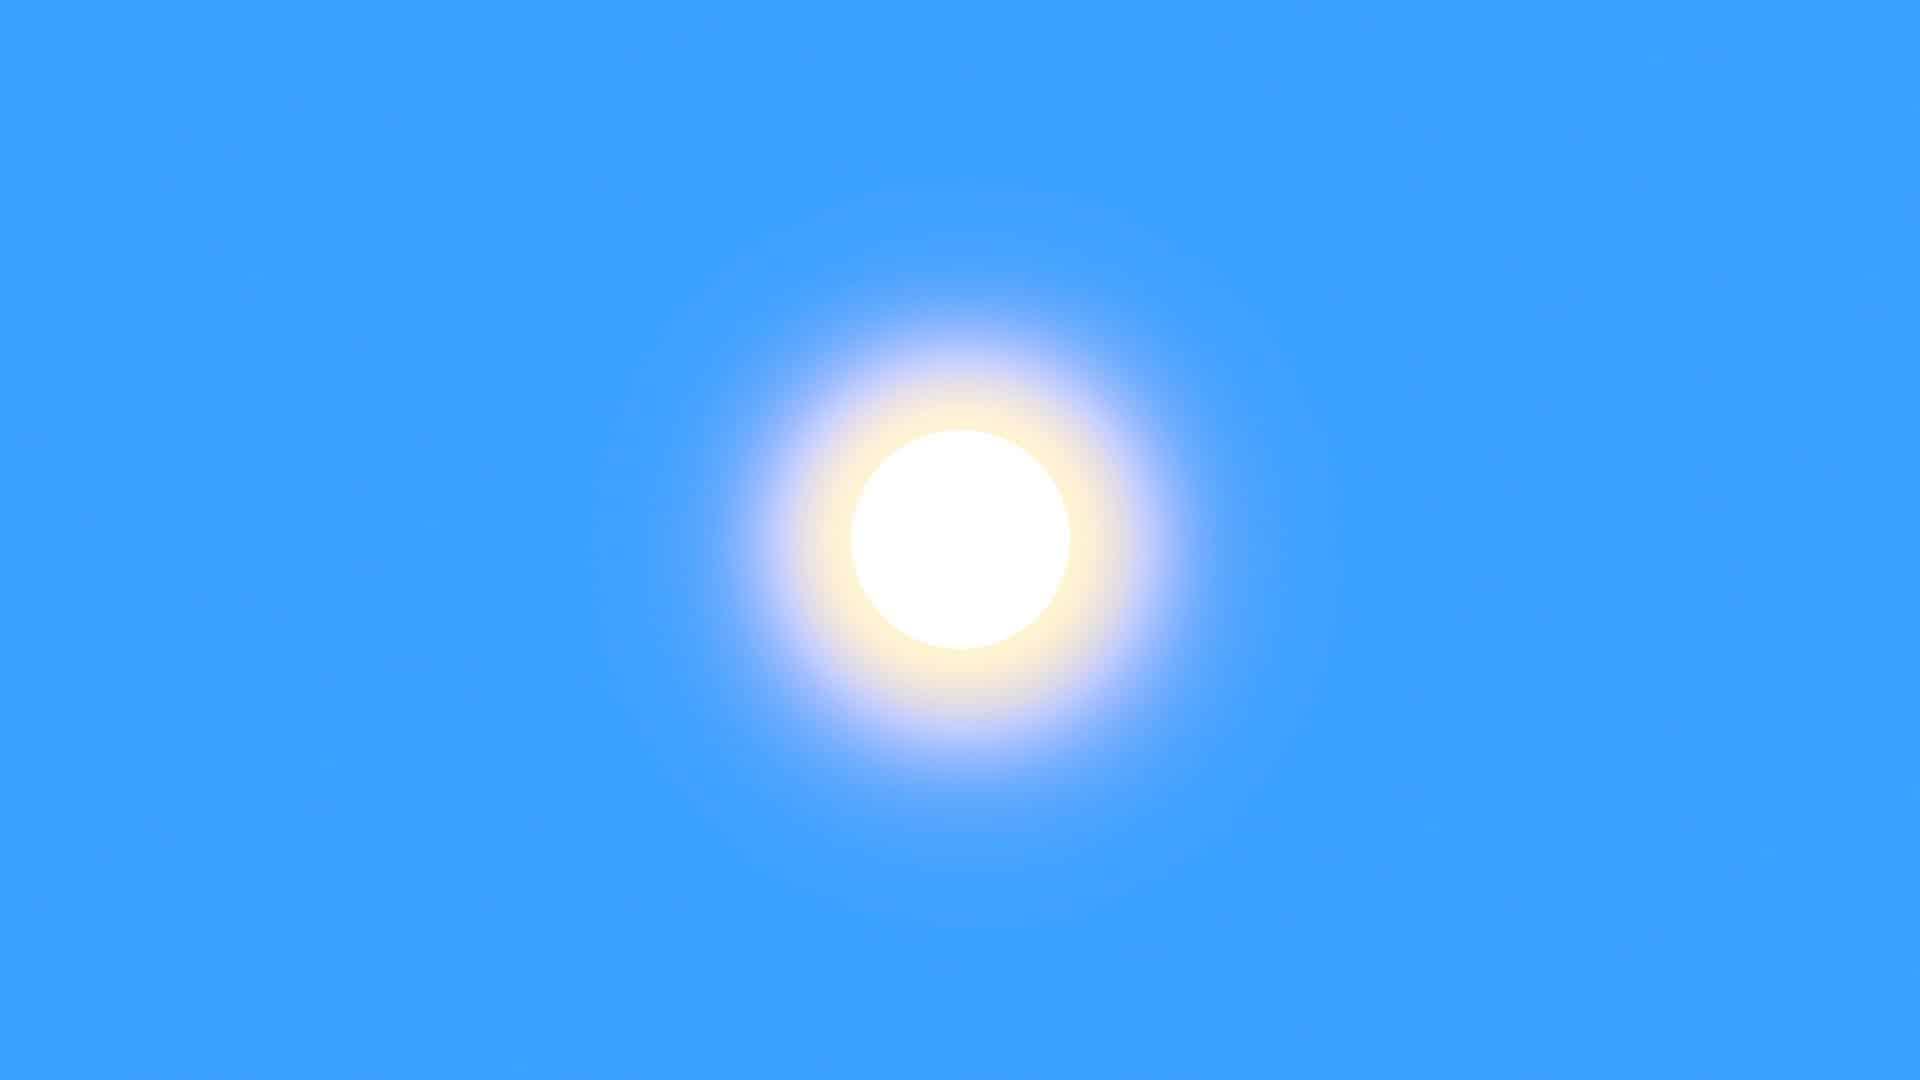 Warum Ist Die Sonne Gelb : warum ist die sonne gelb und der himmel blau dravens ~ A.2002-acura-tl-radio.info Haus und Dekorationen